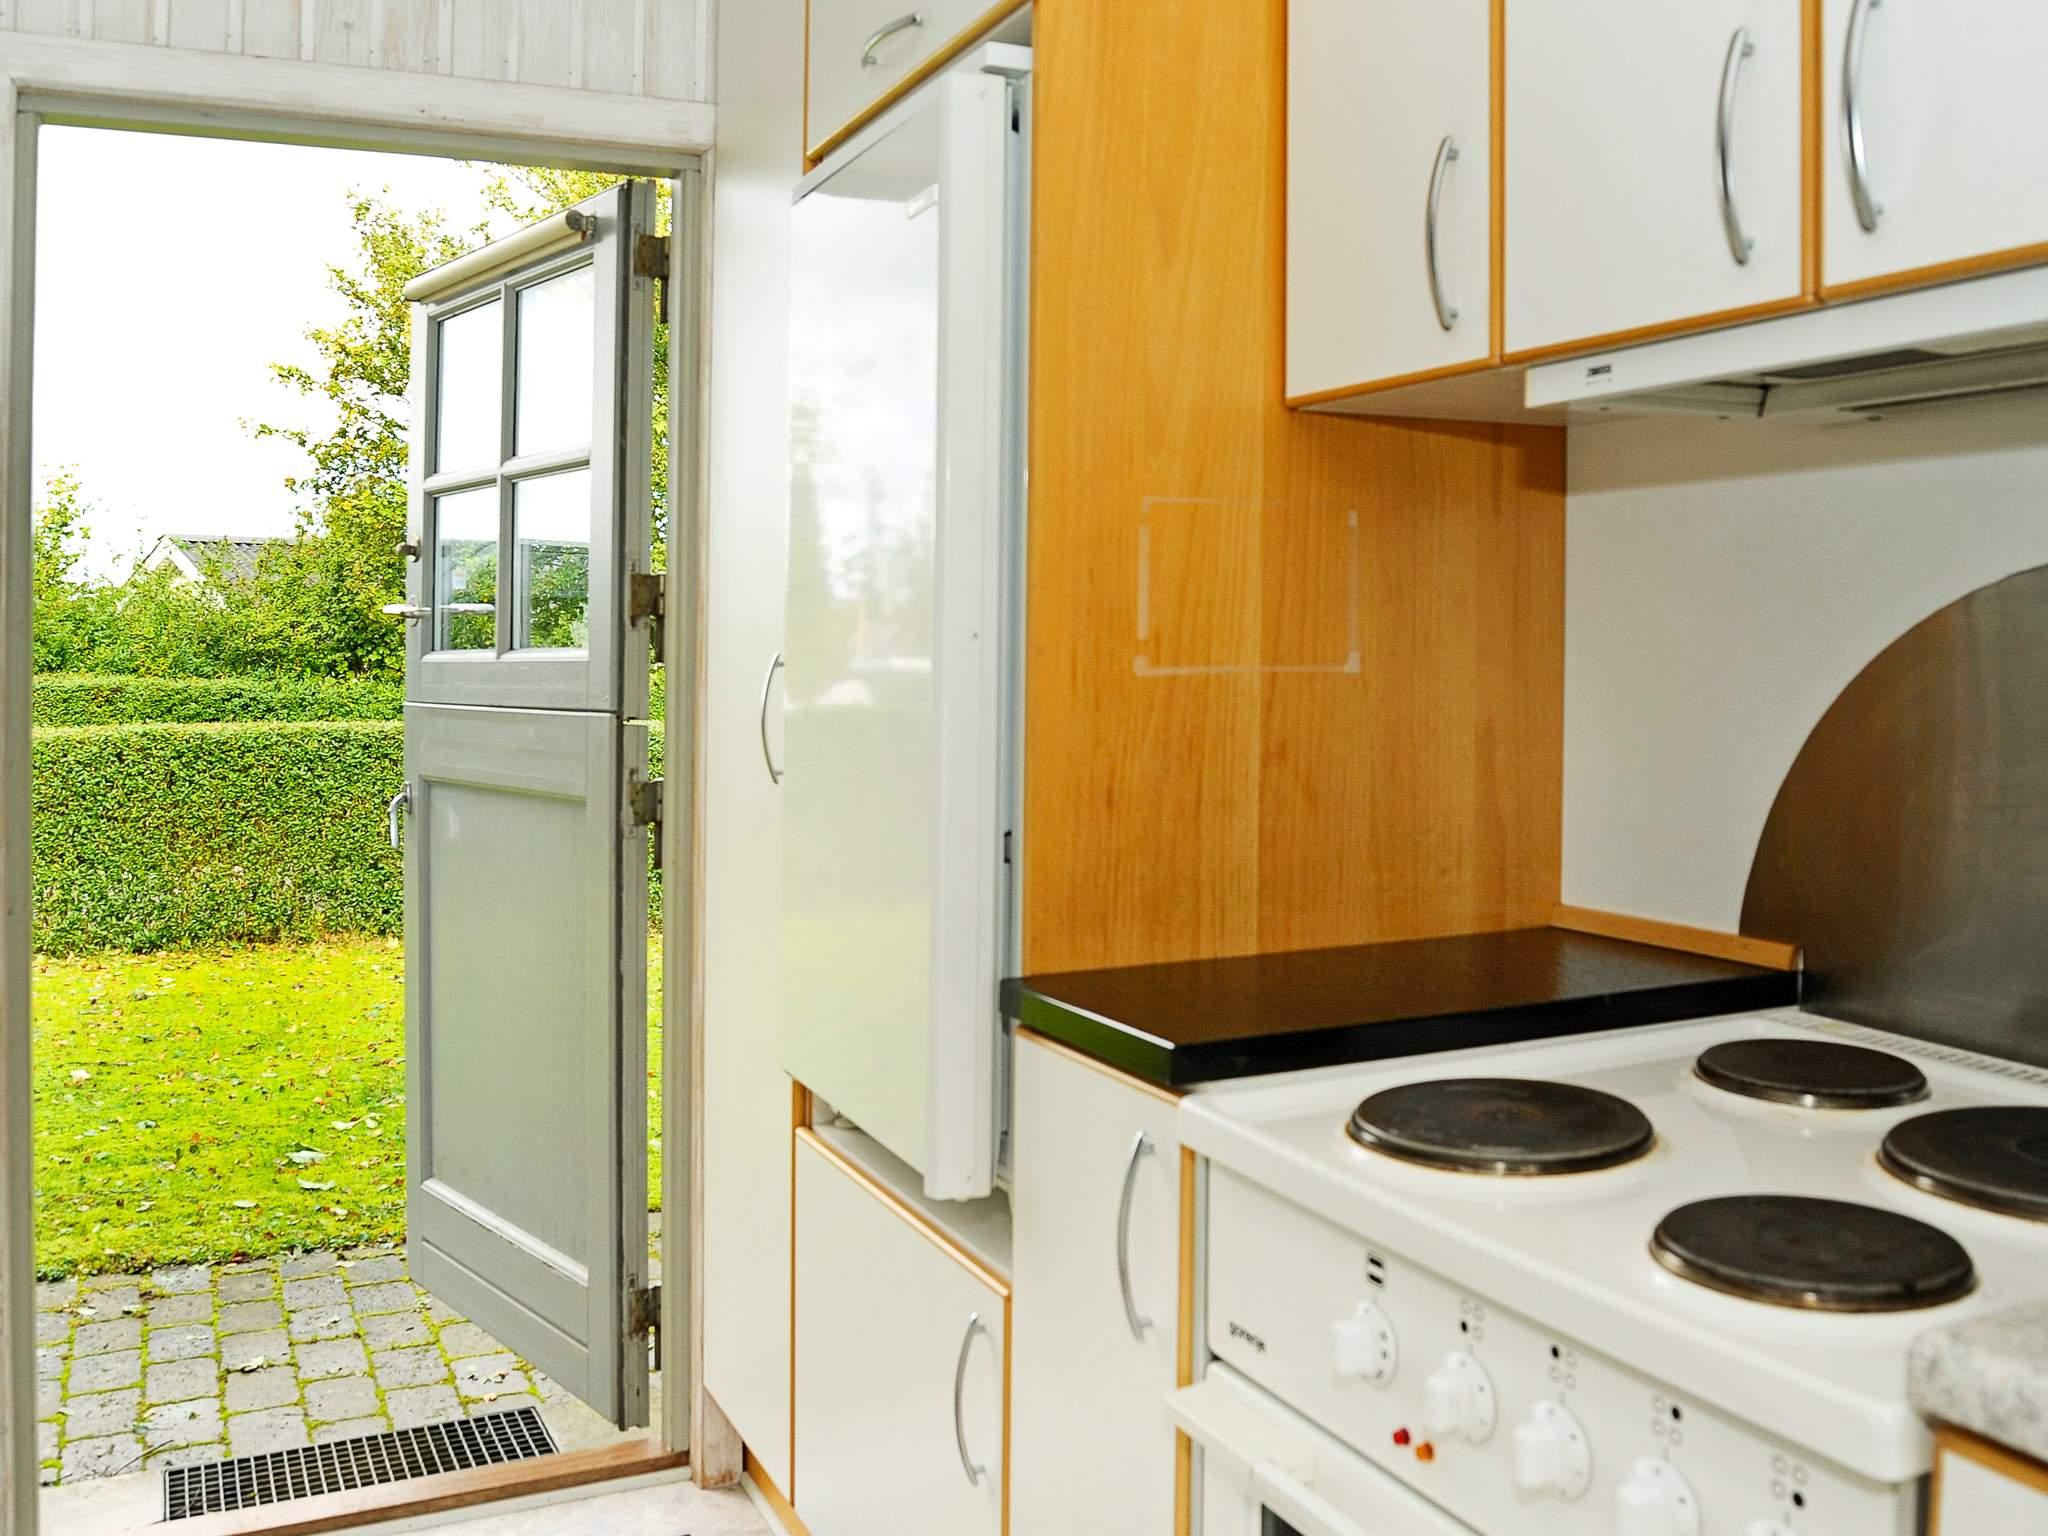 Ferienhaus Sønderballe (84479), Sønderballe, , Südostjütland, Dänemark, Bild 7